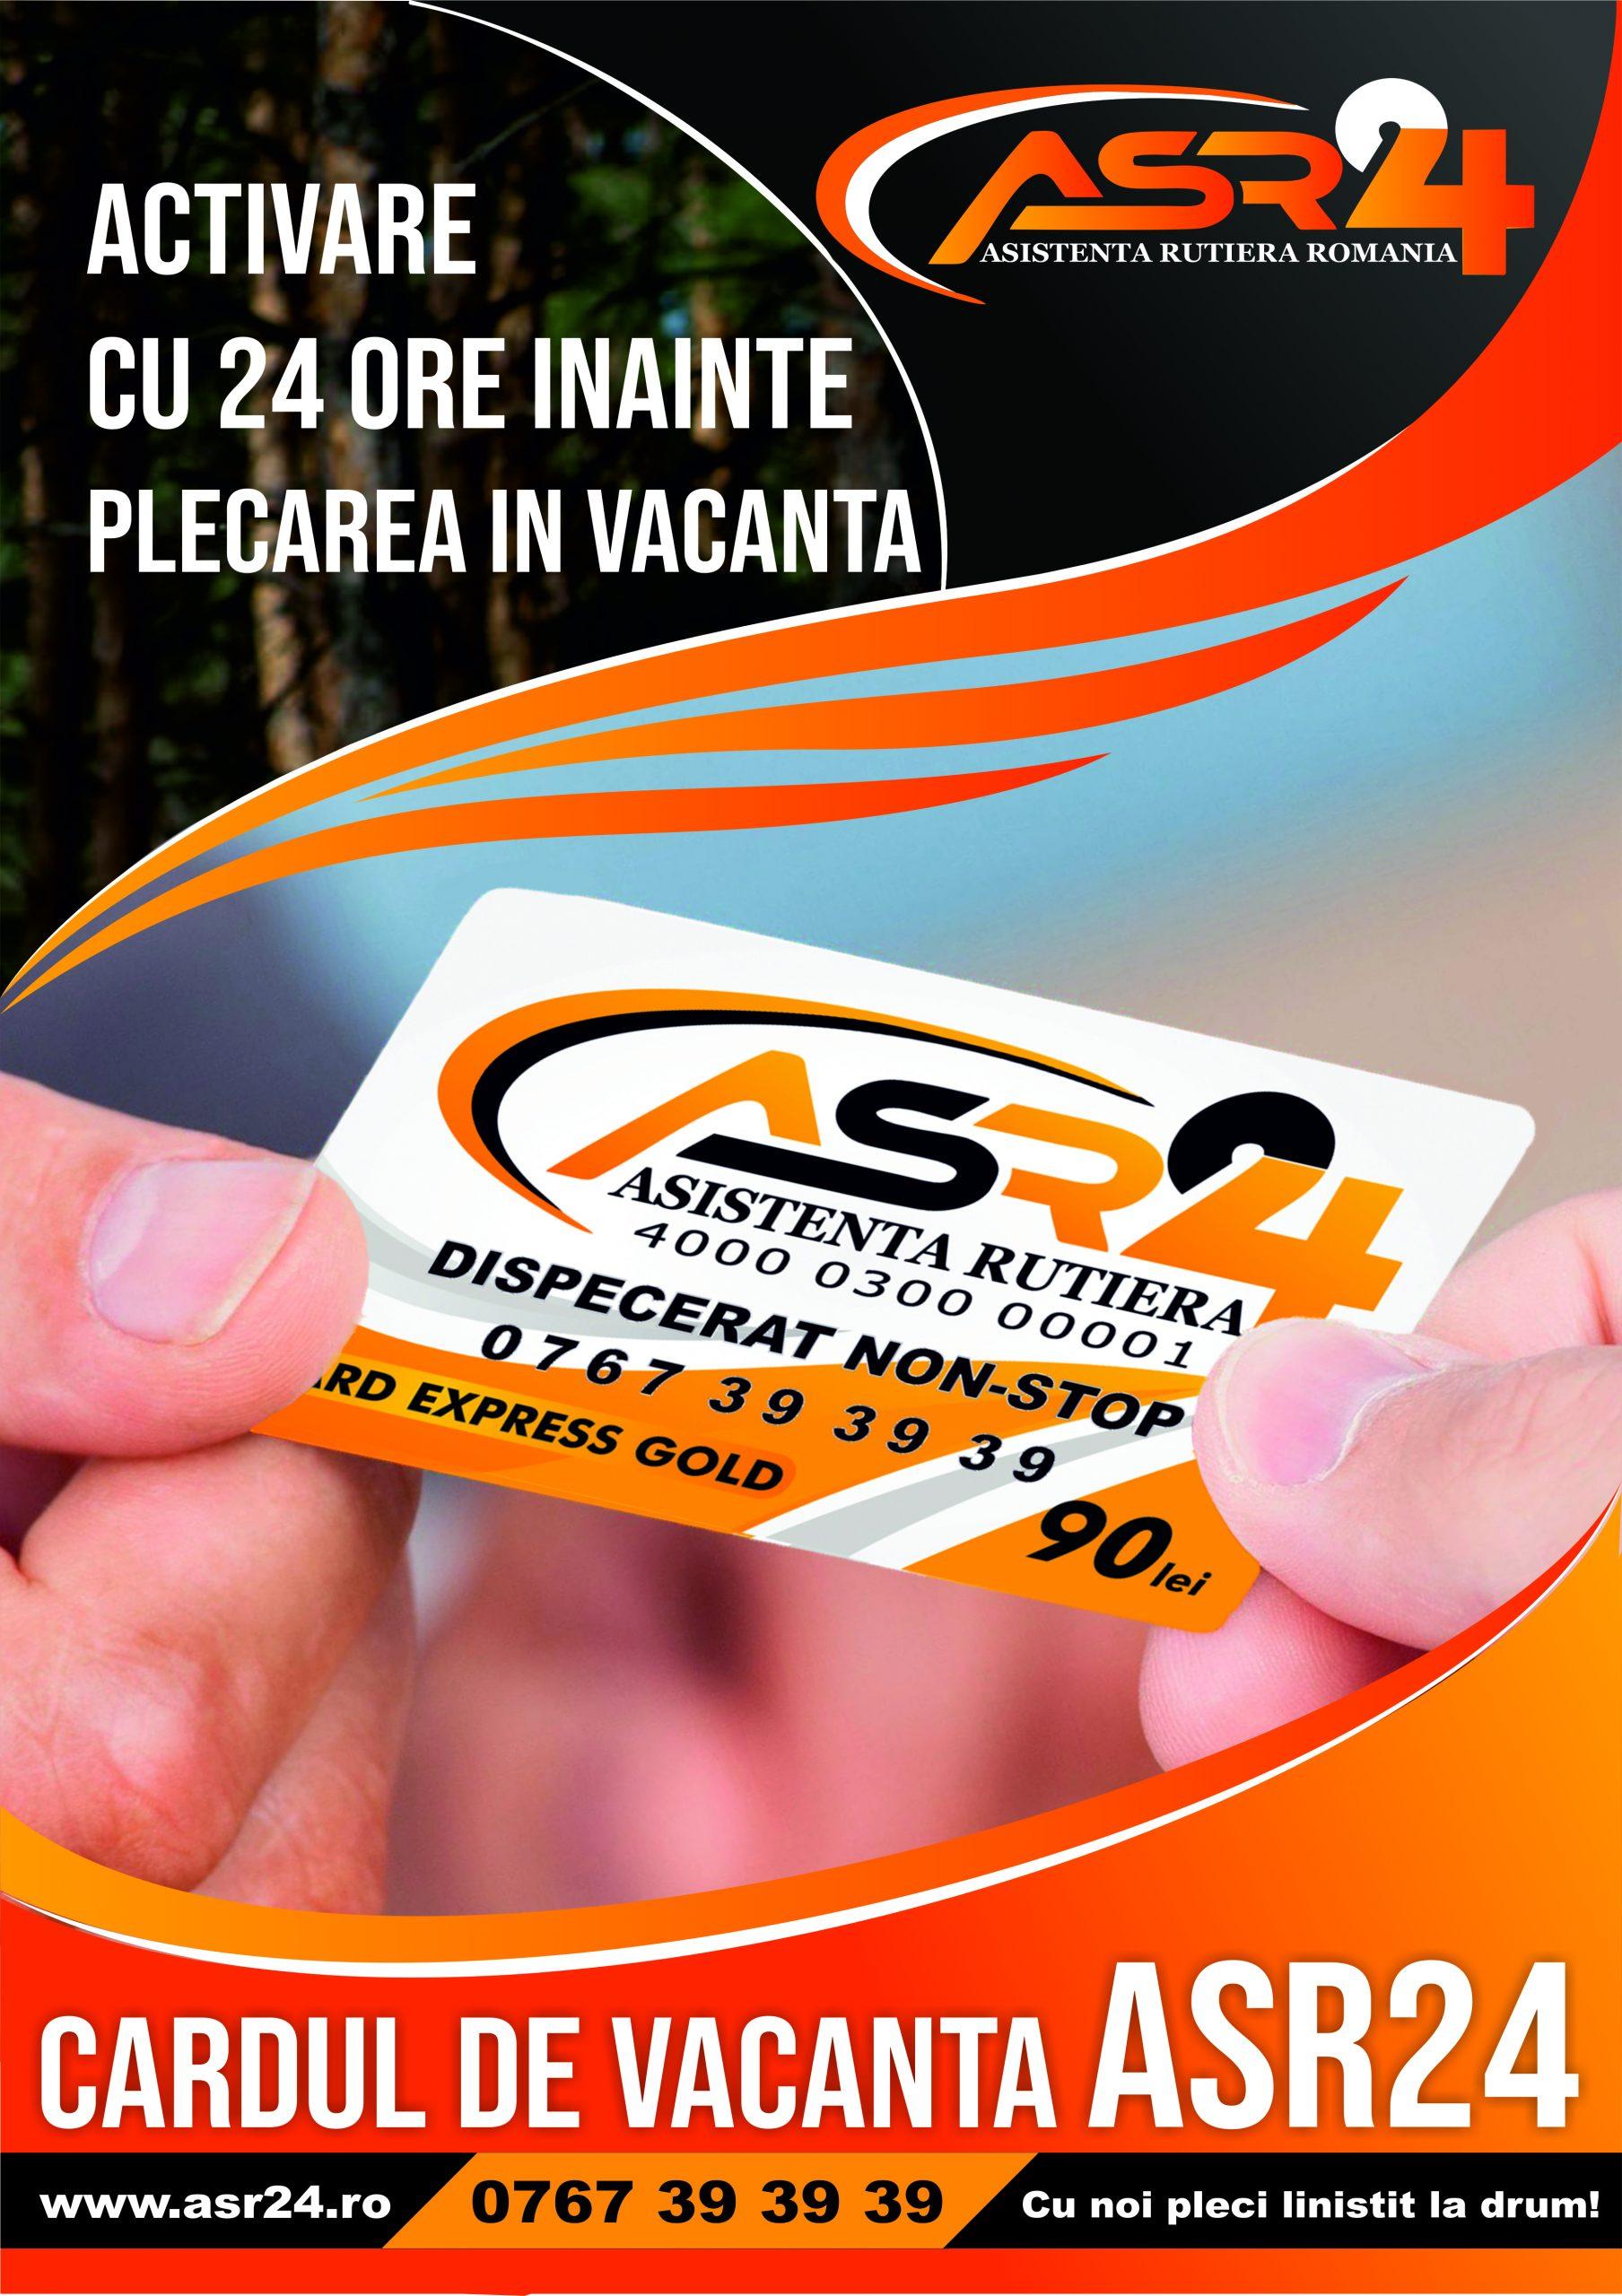 Cardul de vacanta ASR24